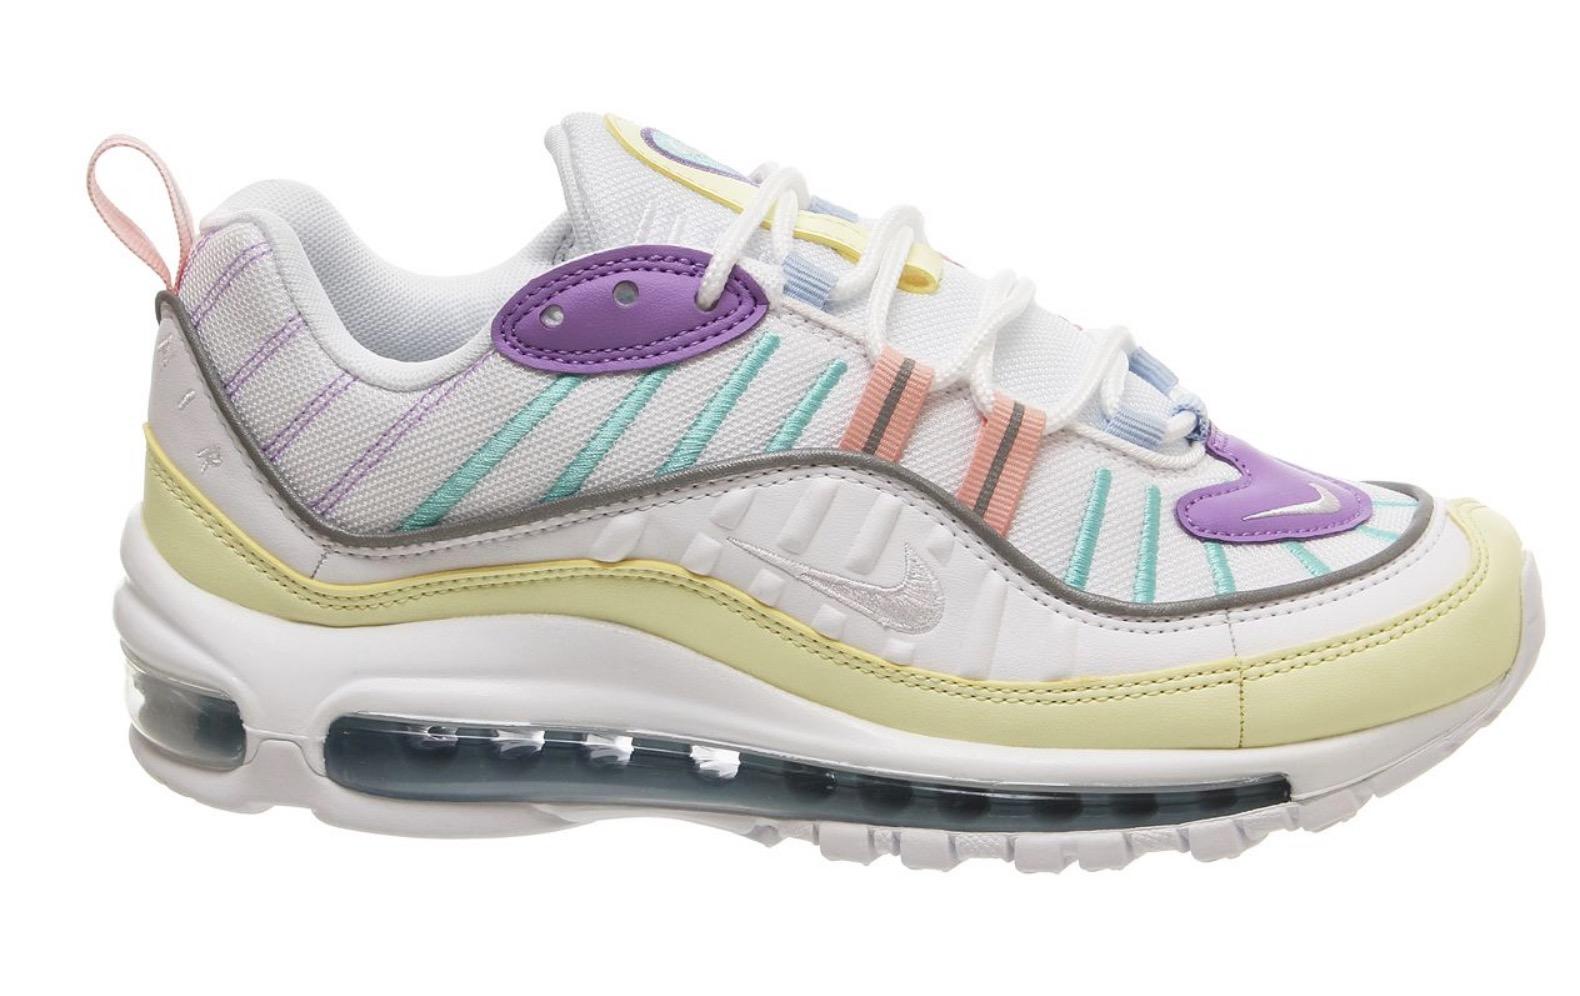 Nike Air Max 98 Pastel